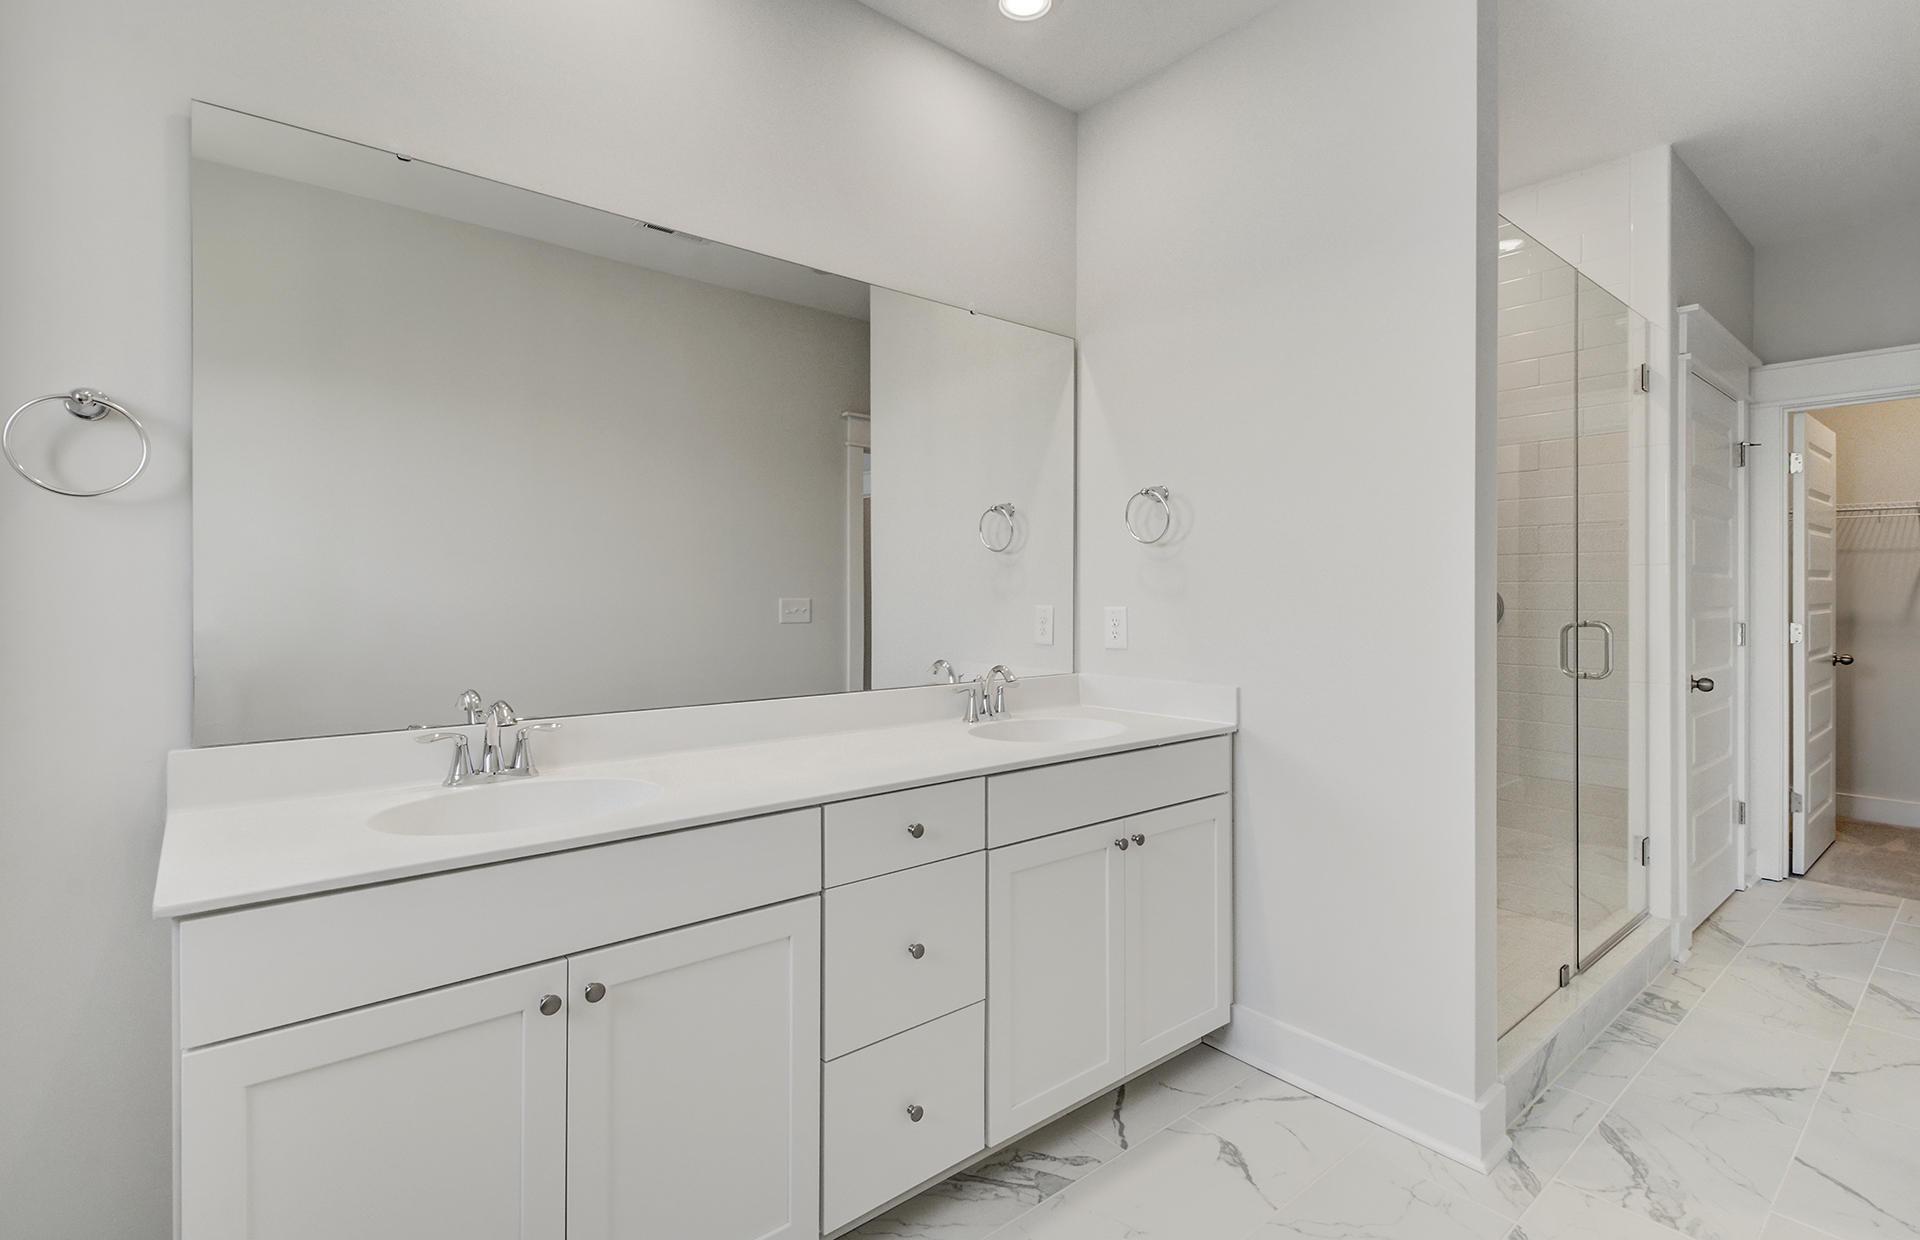 Kings Flats Homes For Sale - 110 Alder, Charleston, SC - 1